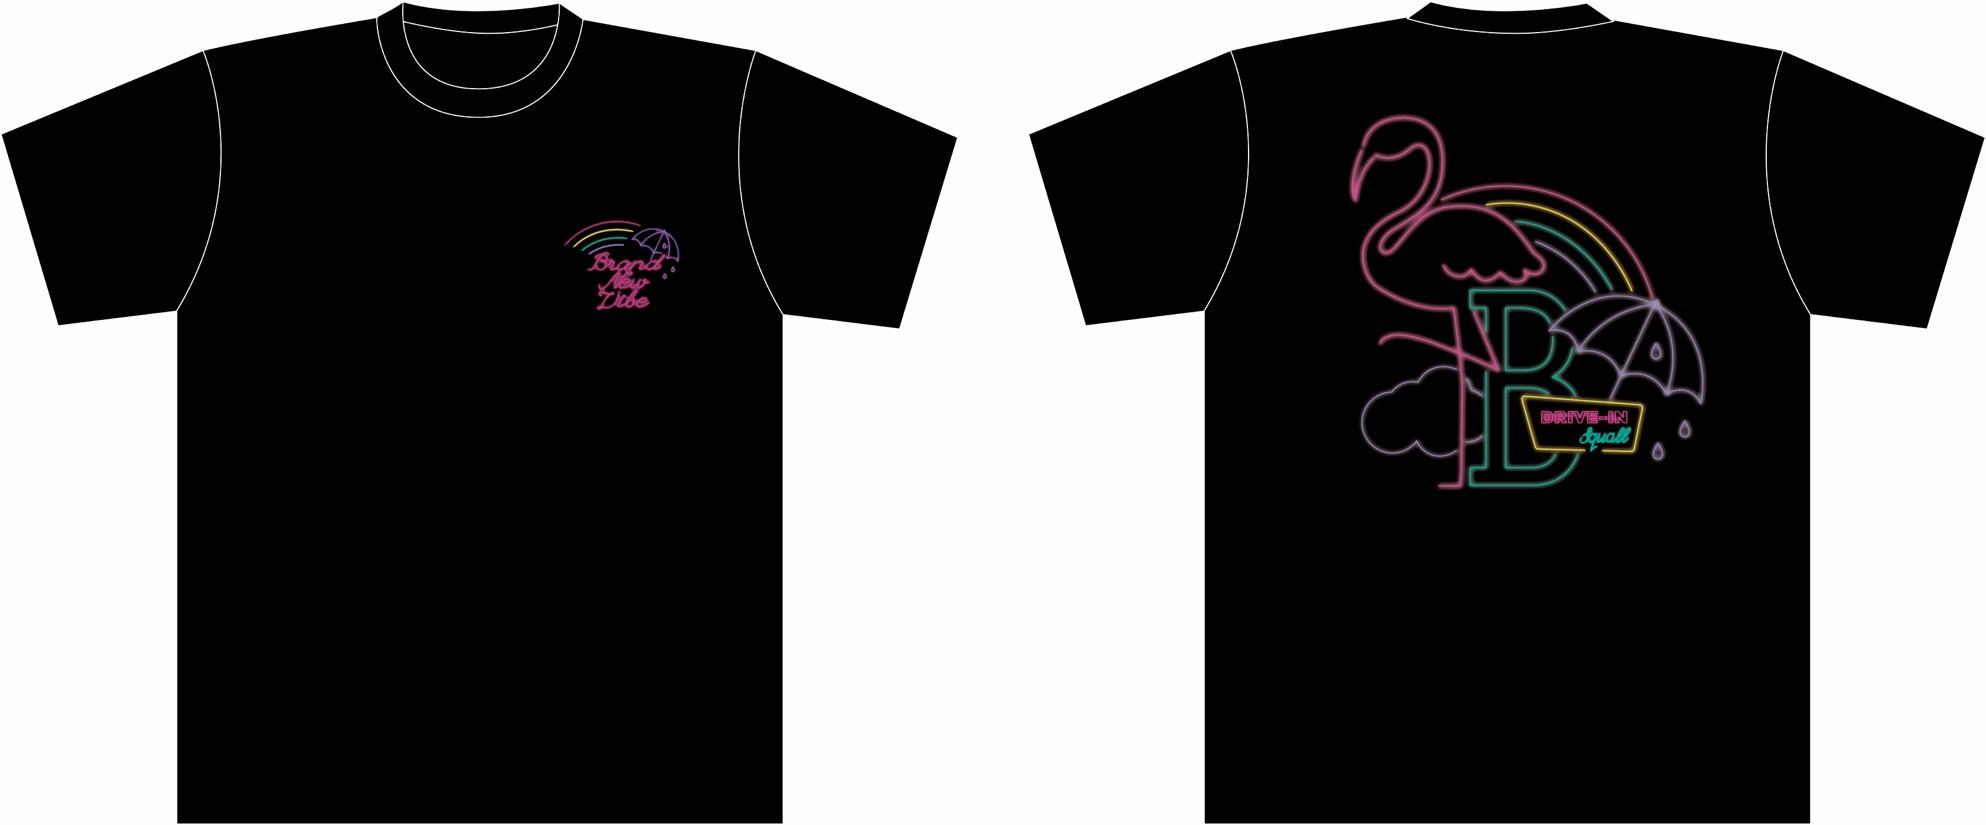 Tシャツ(Brand New Vibe 2019 Summer Goods)